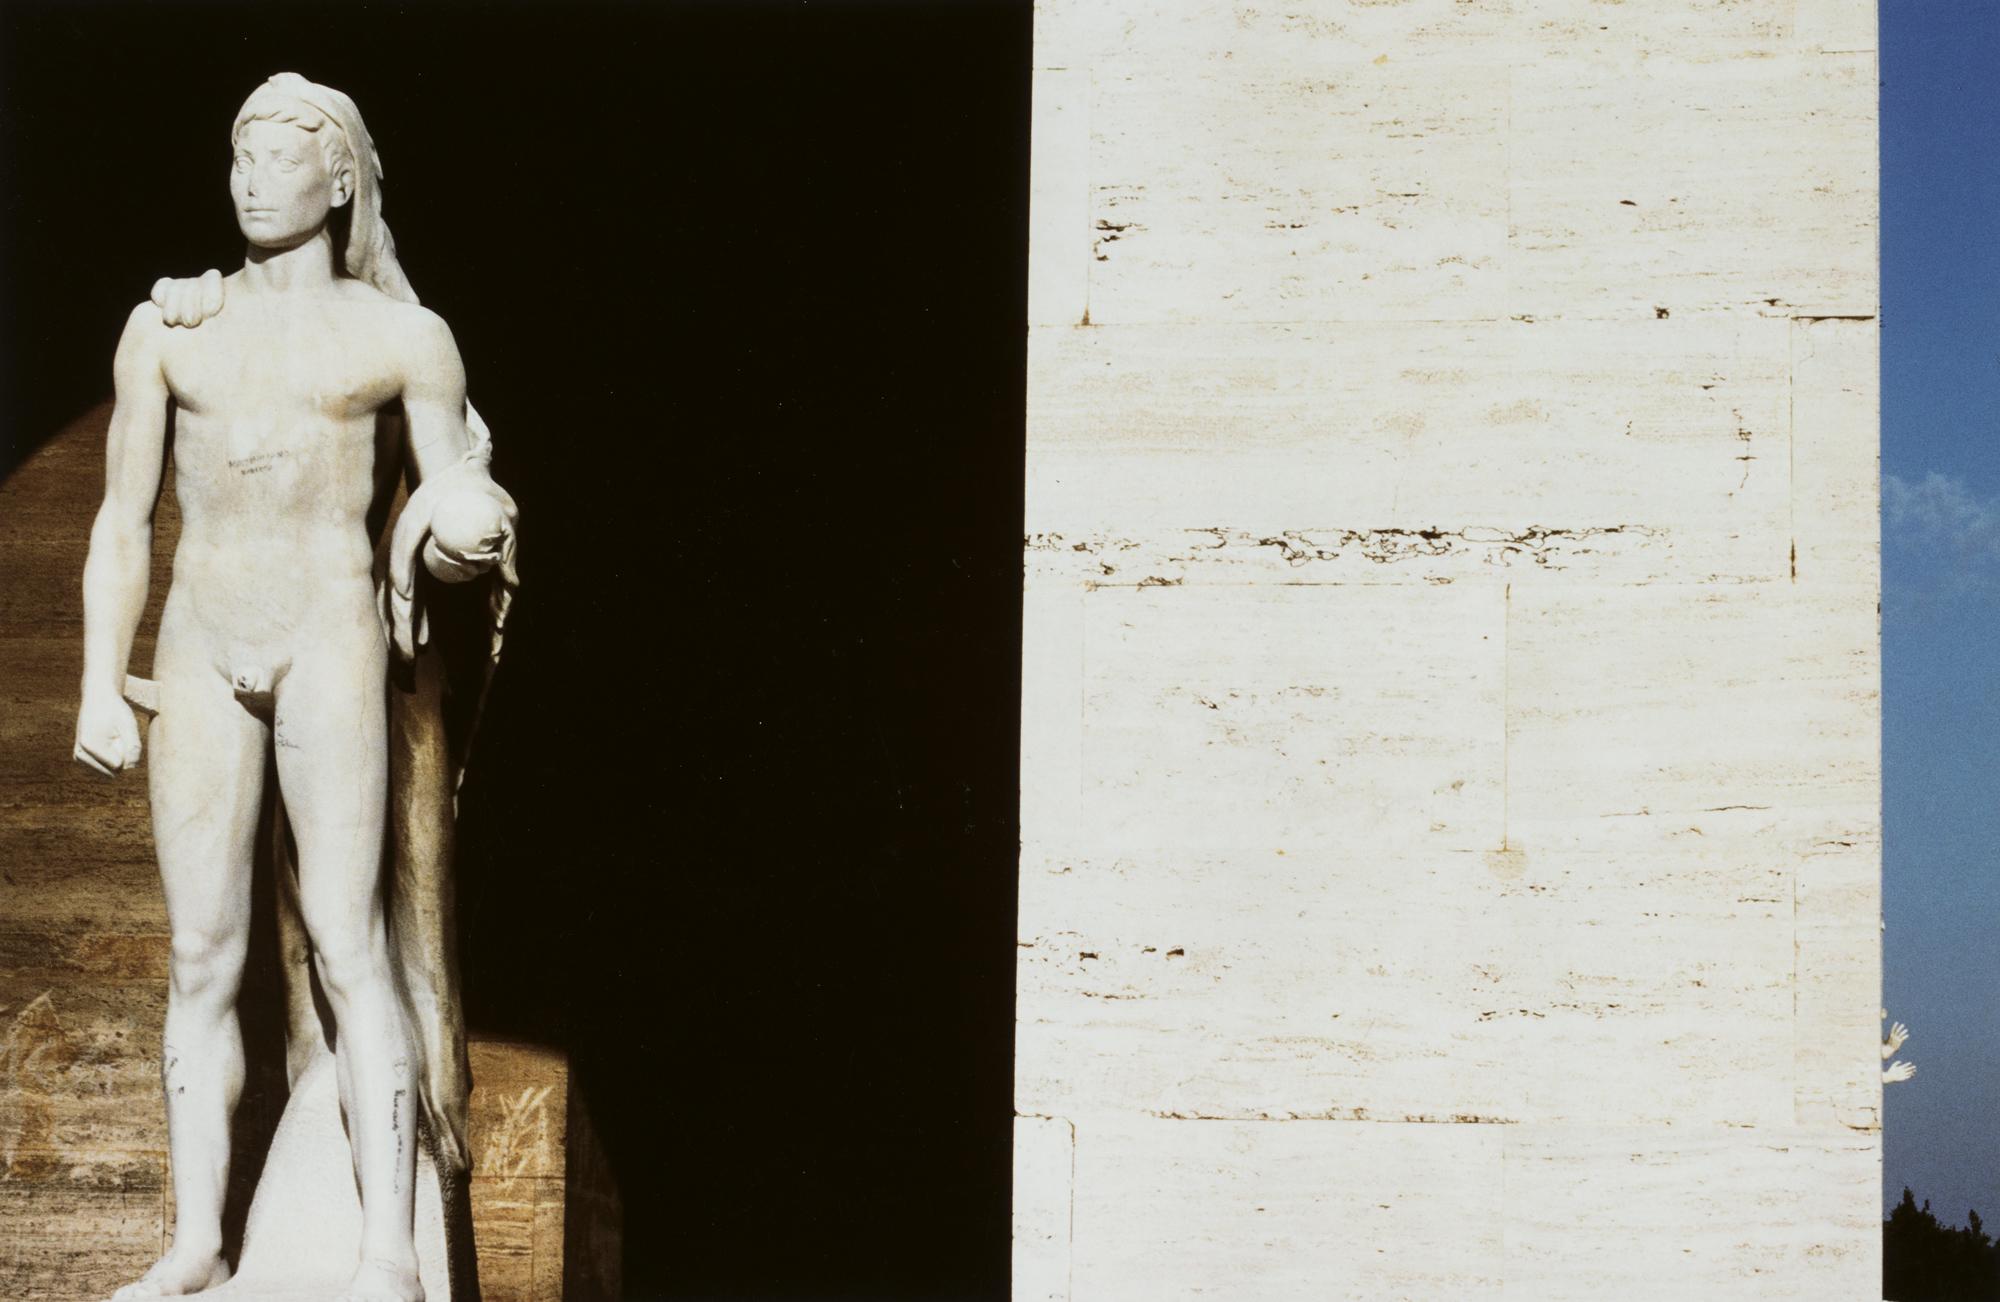 Palazzo della Civiltà, EUR, Roma, 1980